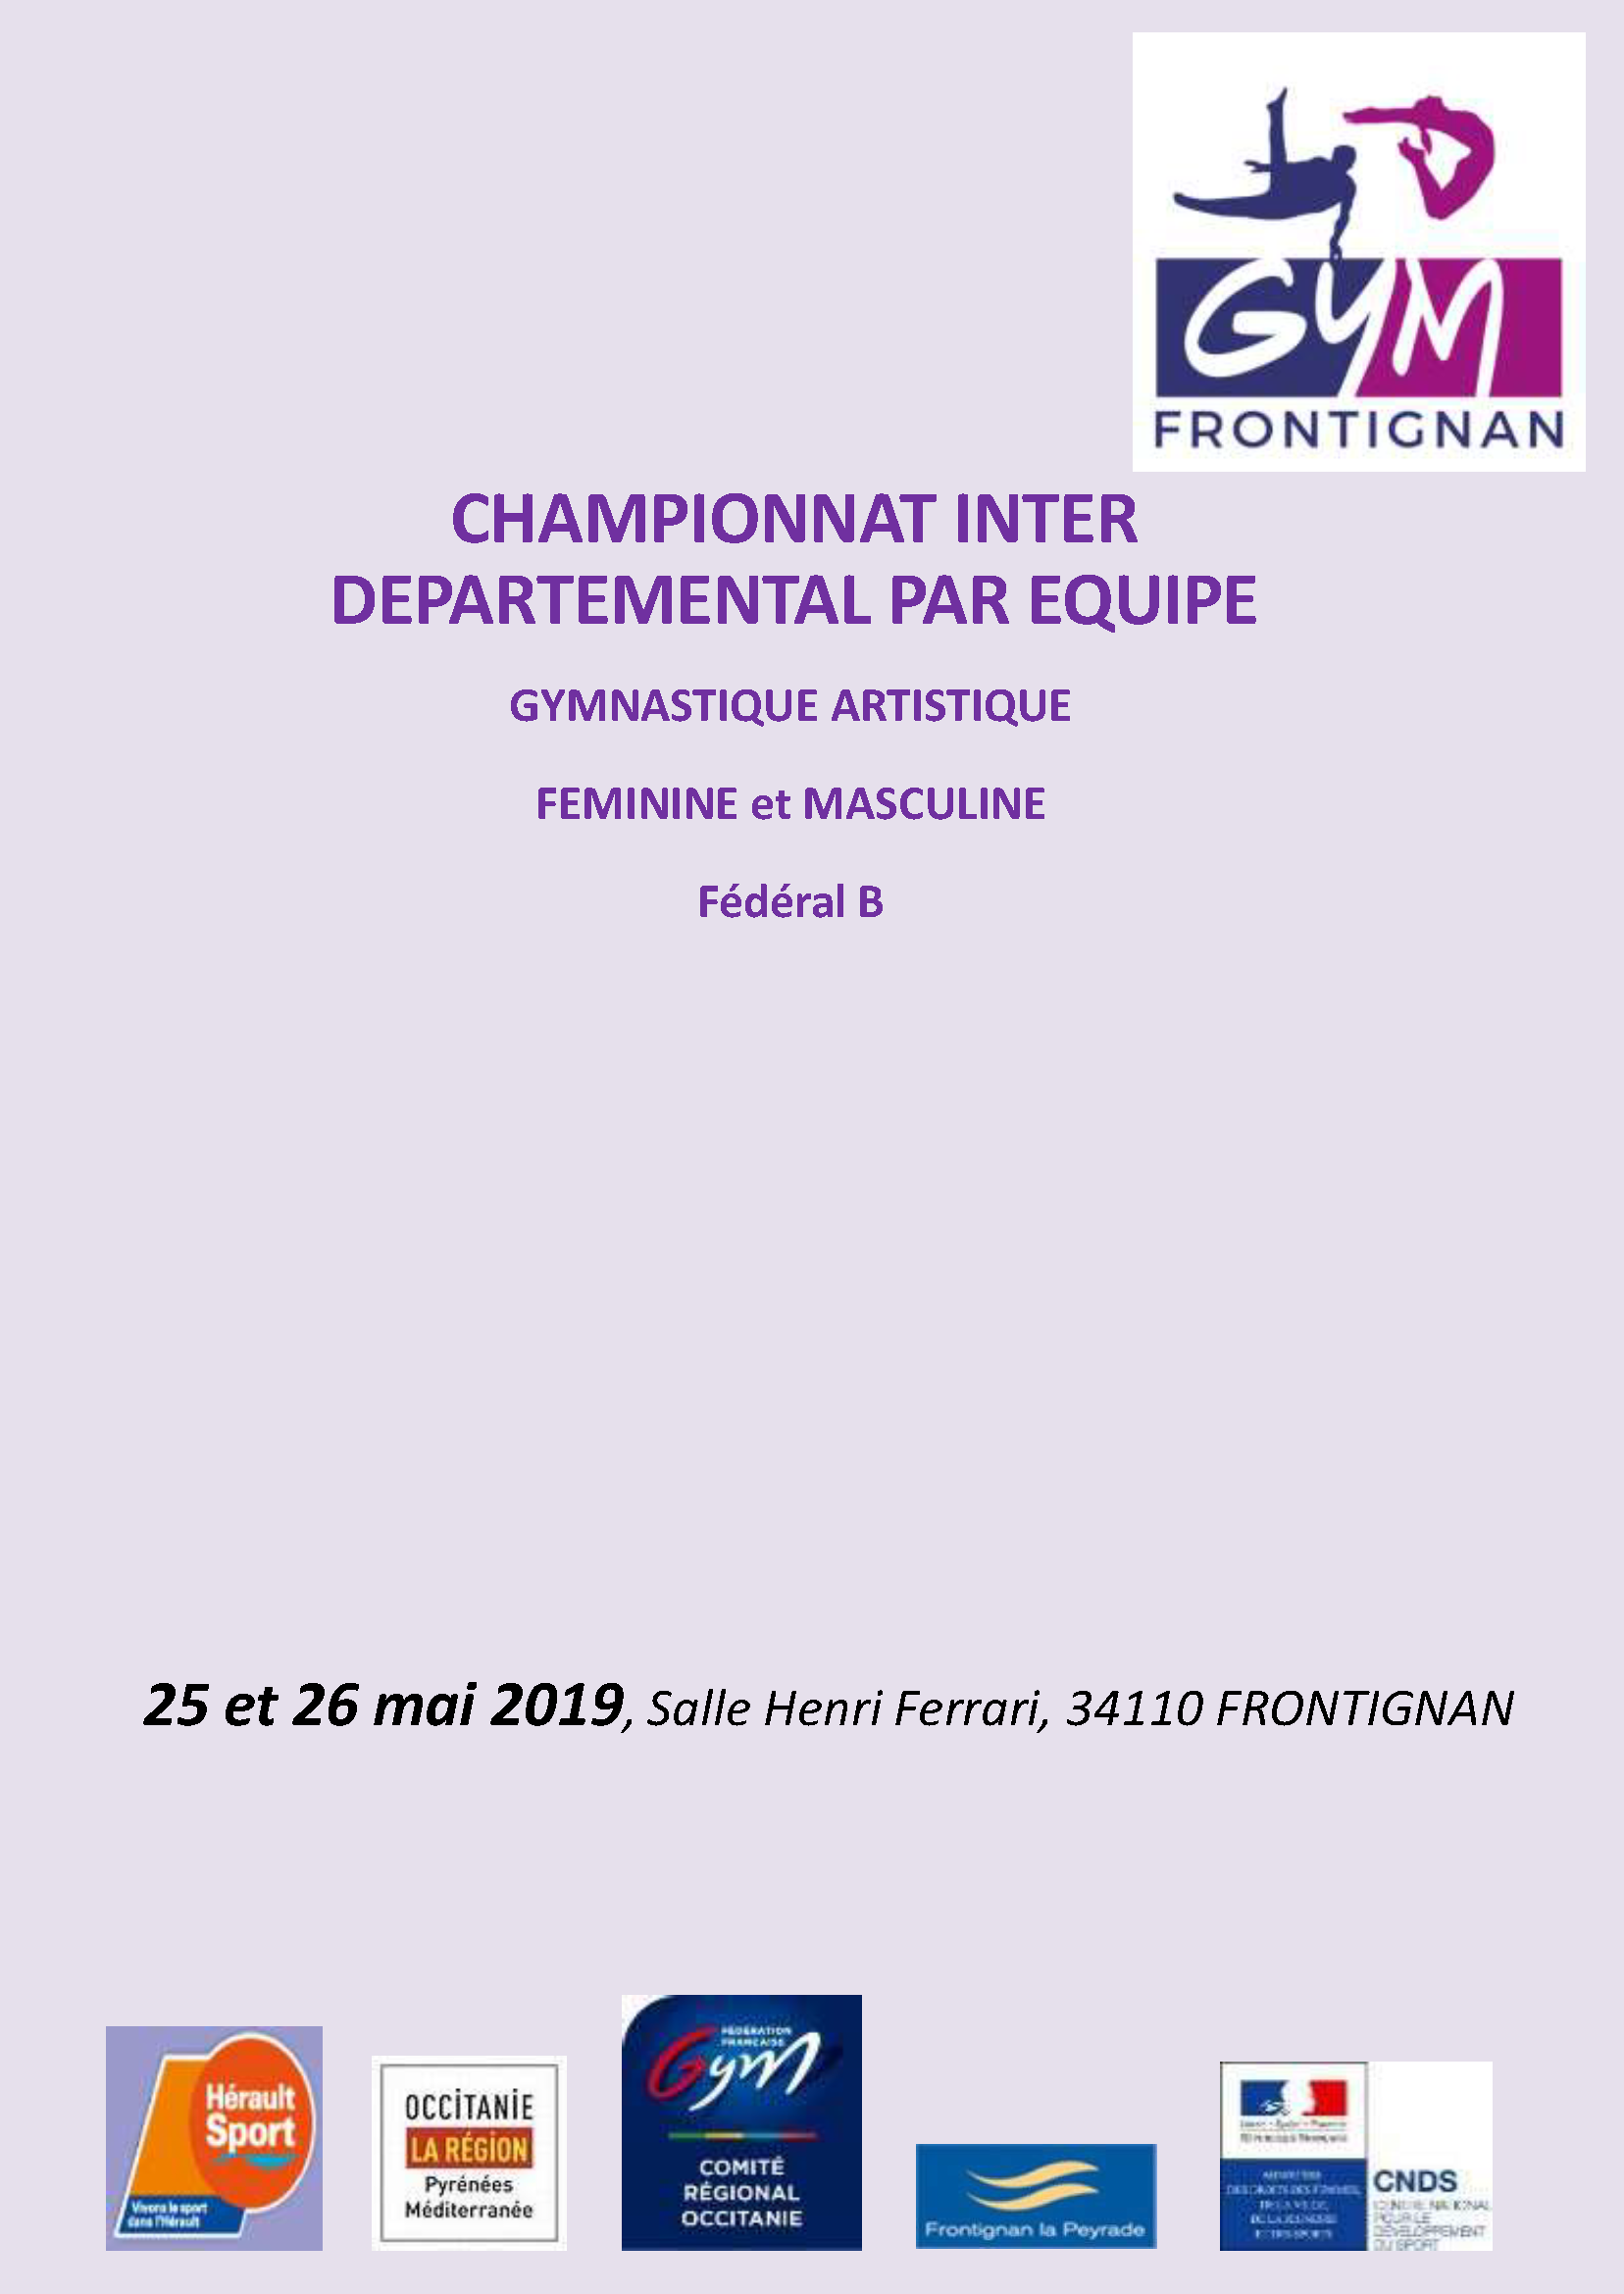 GAF - FINALE Inter-Départementale EST - Equipes FED B - 25 et 26 Mai 2019 à FRONTIGNAN